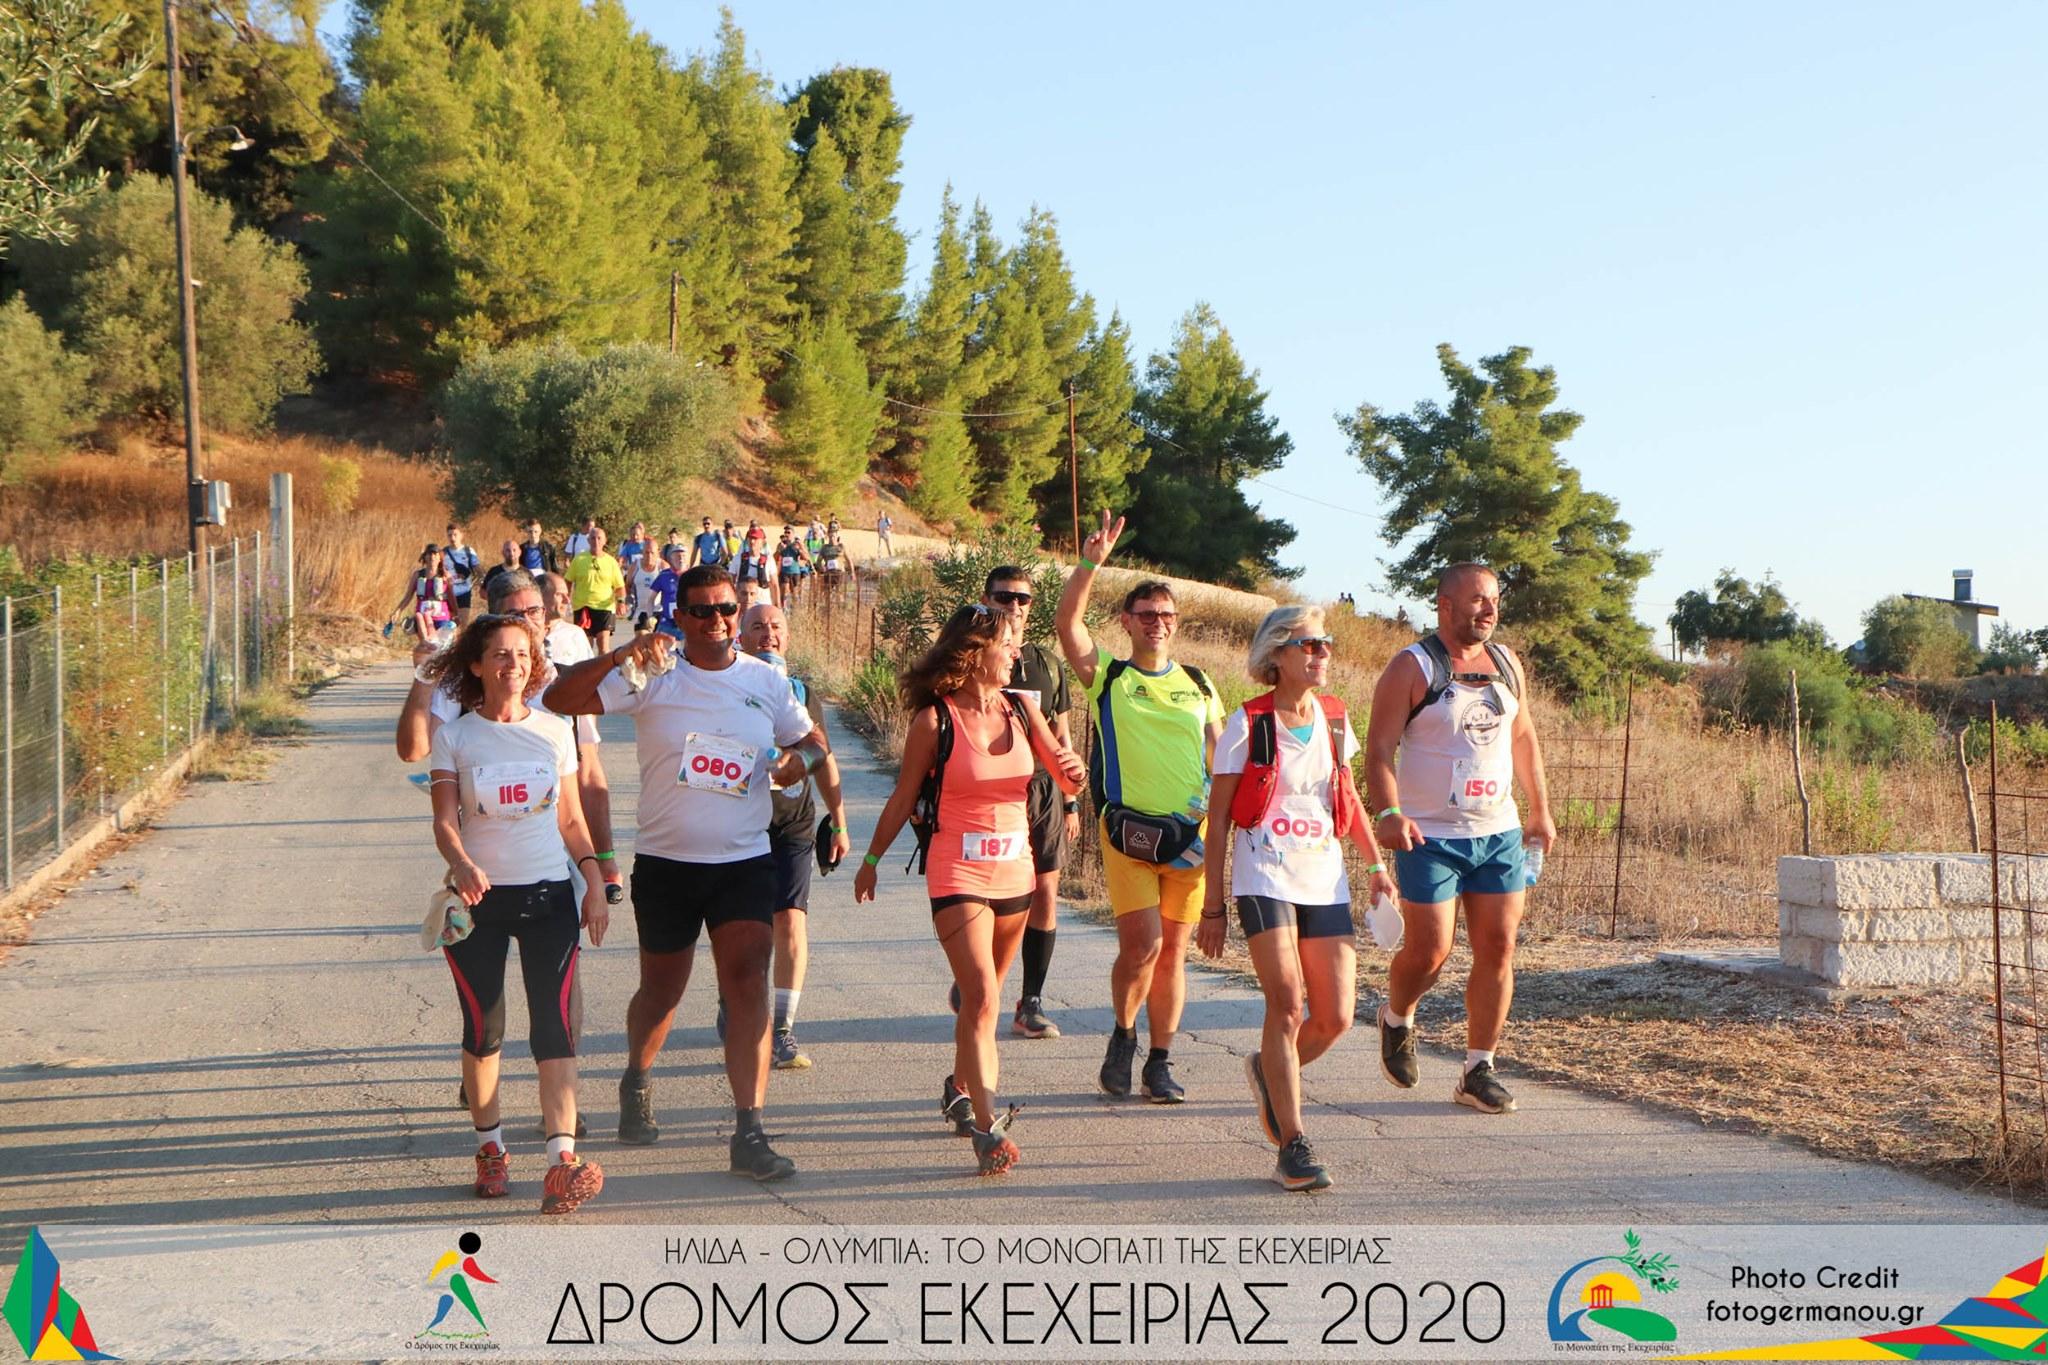 Ήλιδα- Ολυμπία: Ο 5ος Δρόμος Ολυμπιακής Εκεχειρίας ολοκληρώθηκε με επιτυχία, τηρώντας το υγειονομικό πρωτόκολλo (photos)